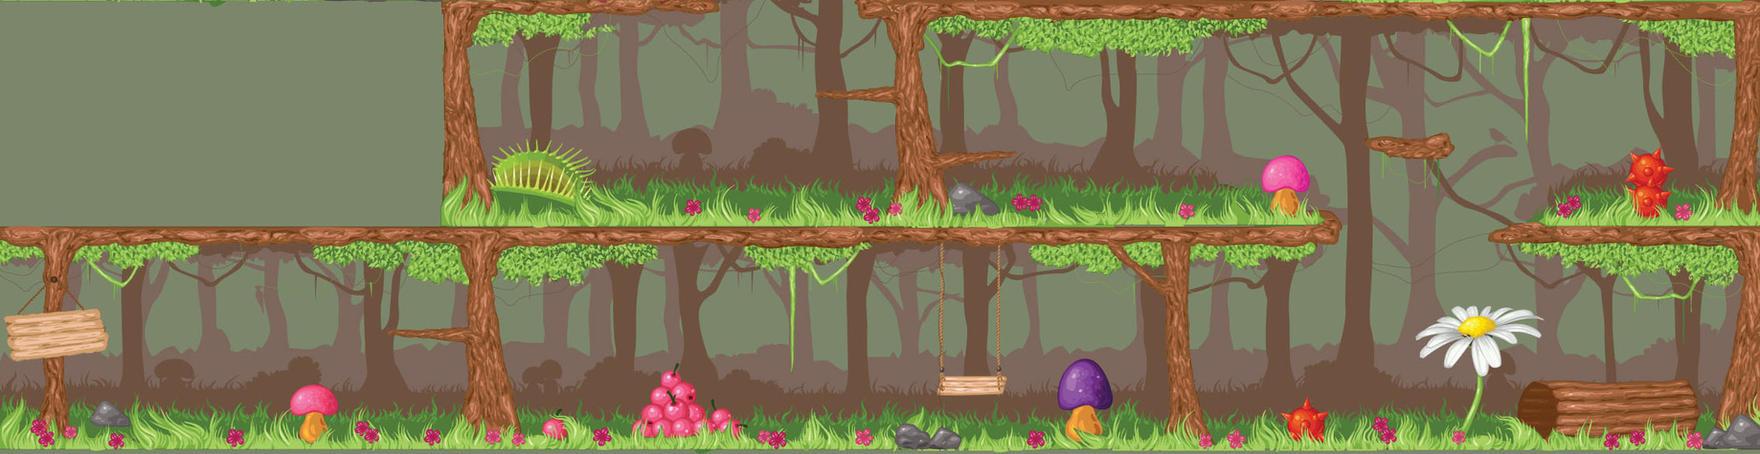 Background Flash Game part1 by Lunie-Chan on DeviantArt